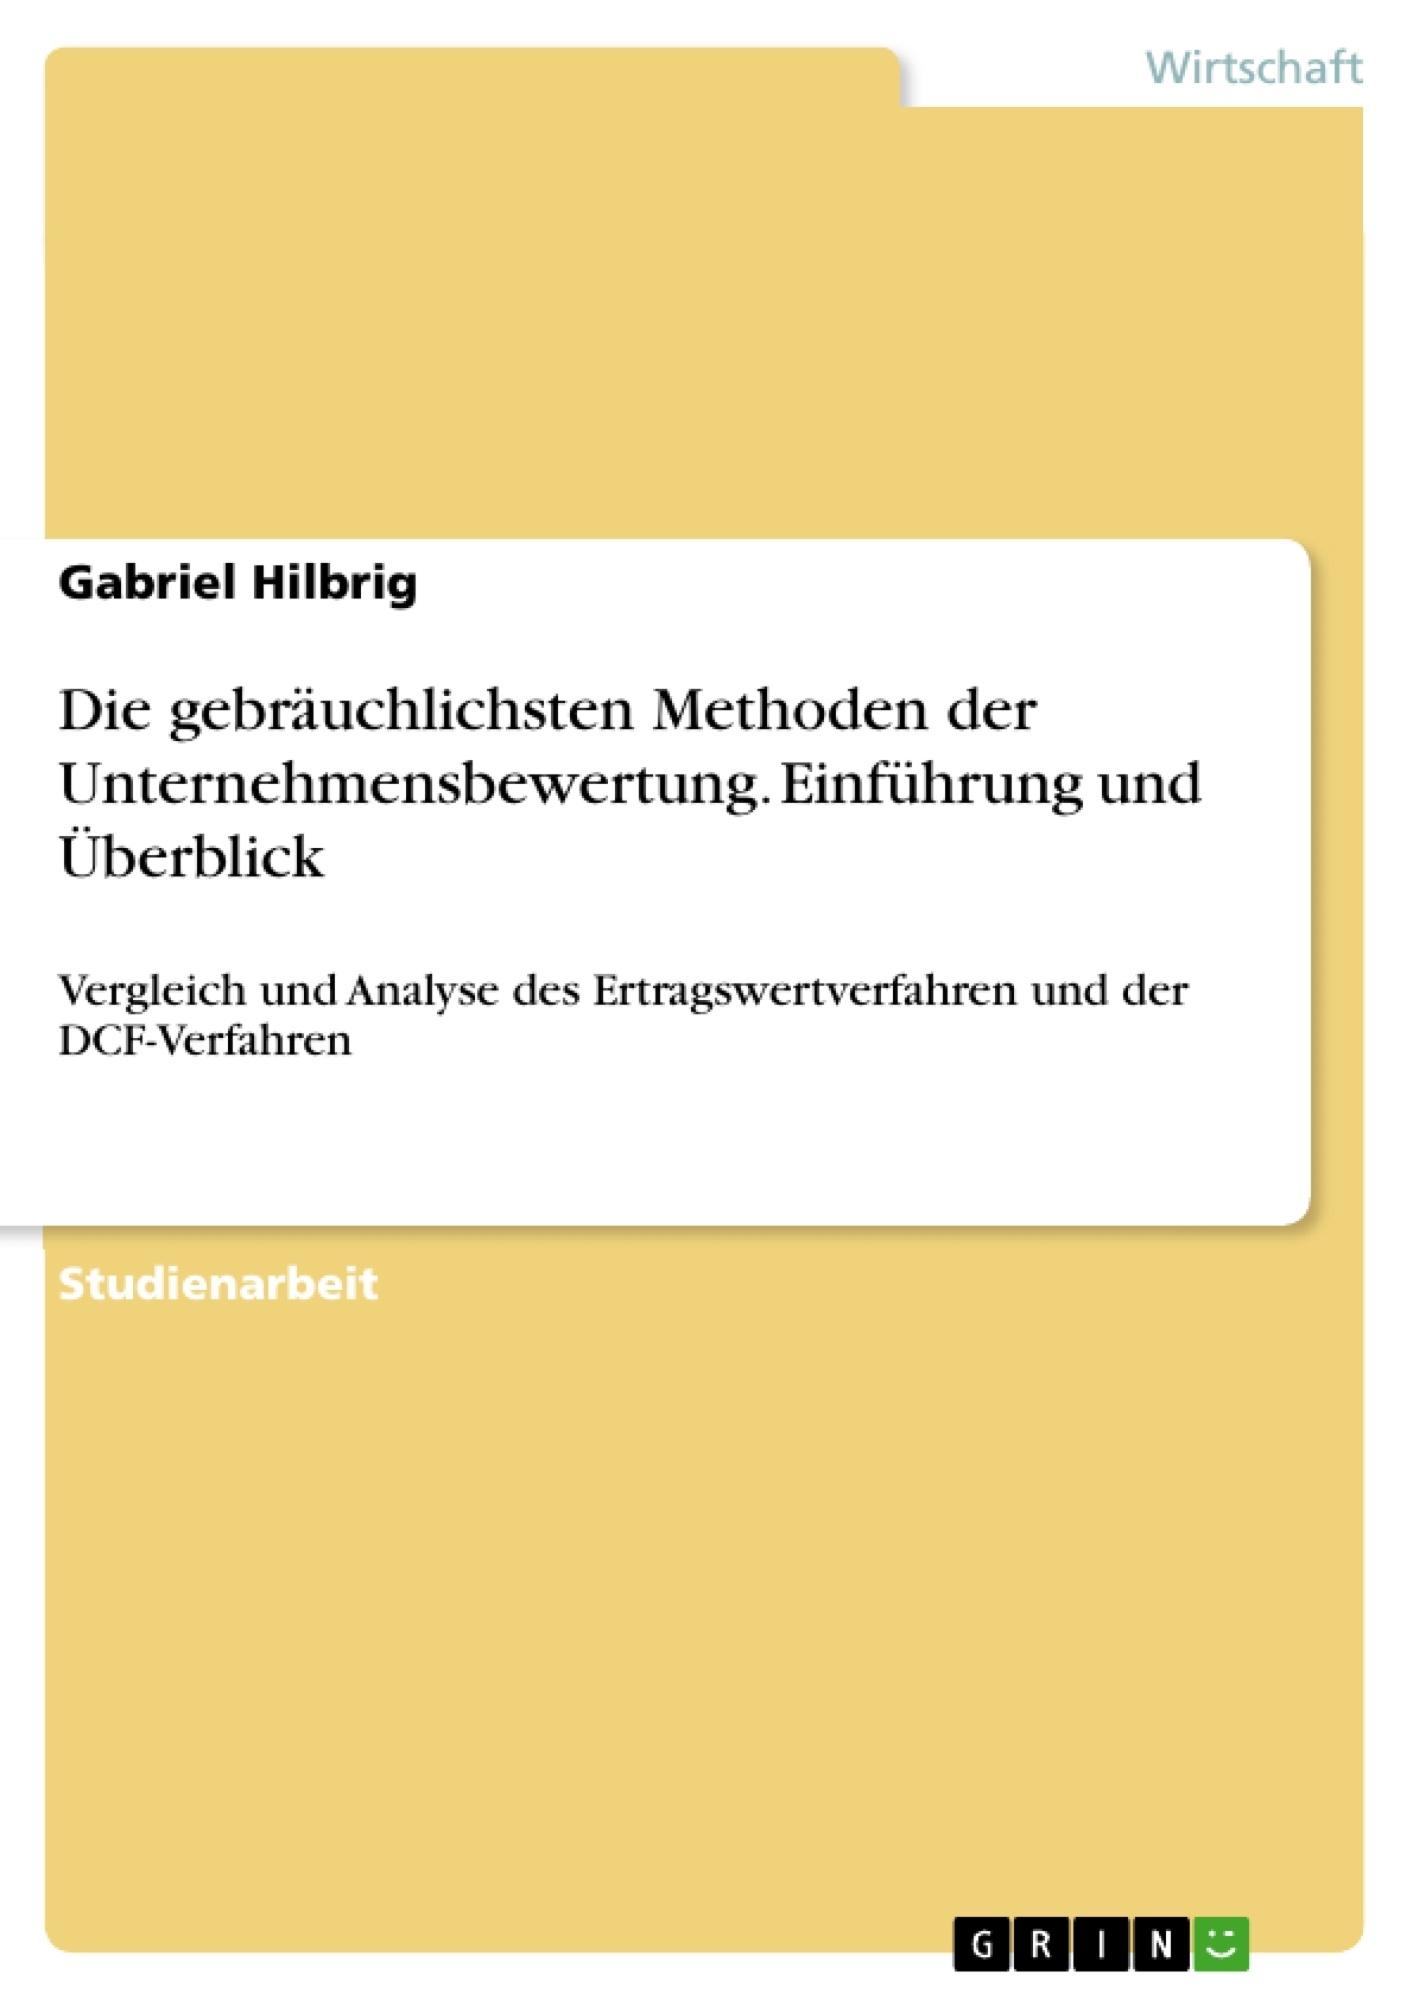 Titel: Die gebräuchlichsten Methoden der Unternehmensbewertung. Einführung und Überblick